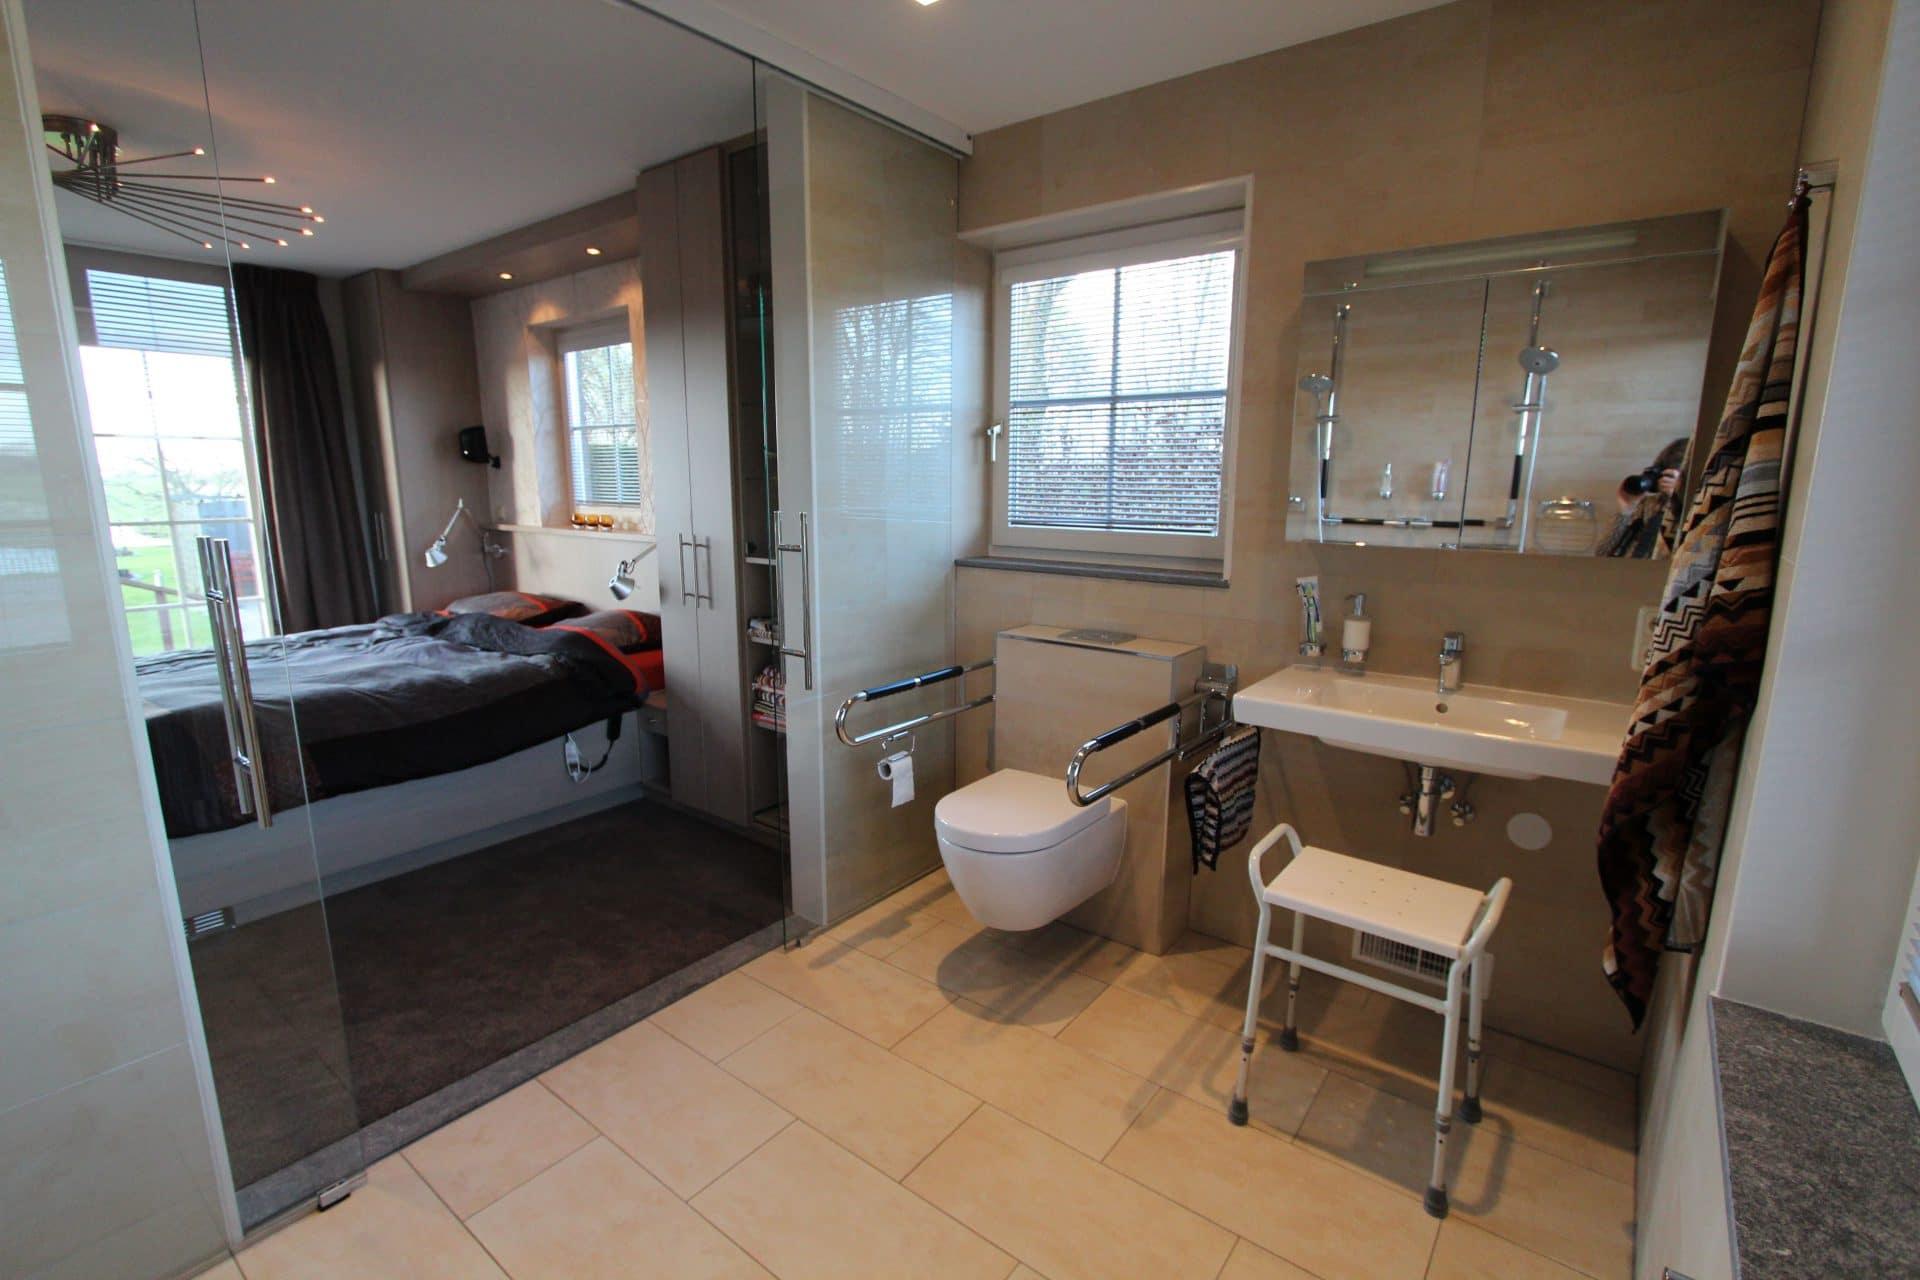 Minder-valide bad- en slaapkamer minder valide